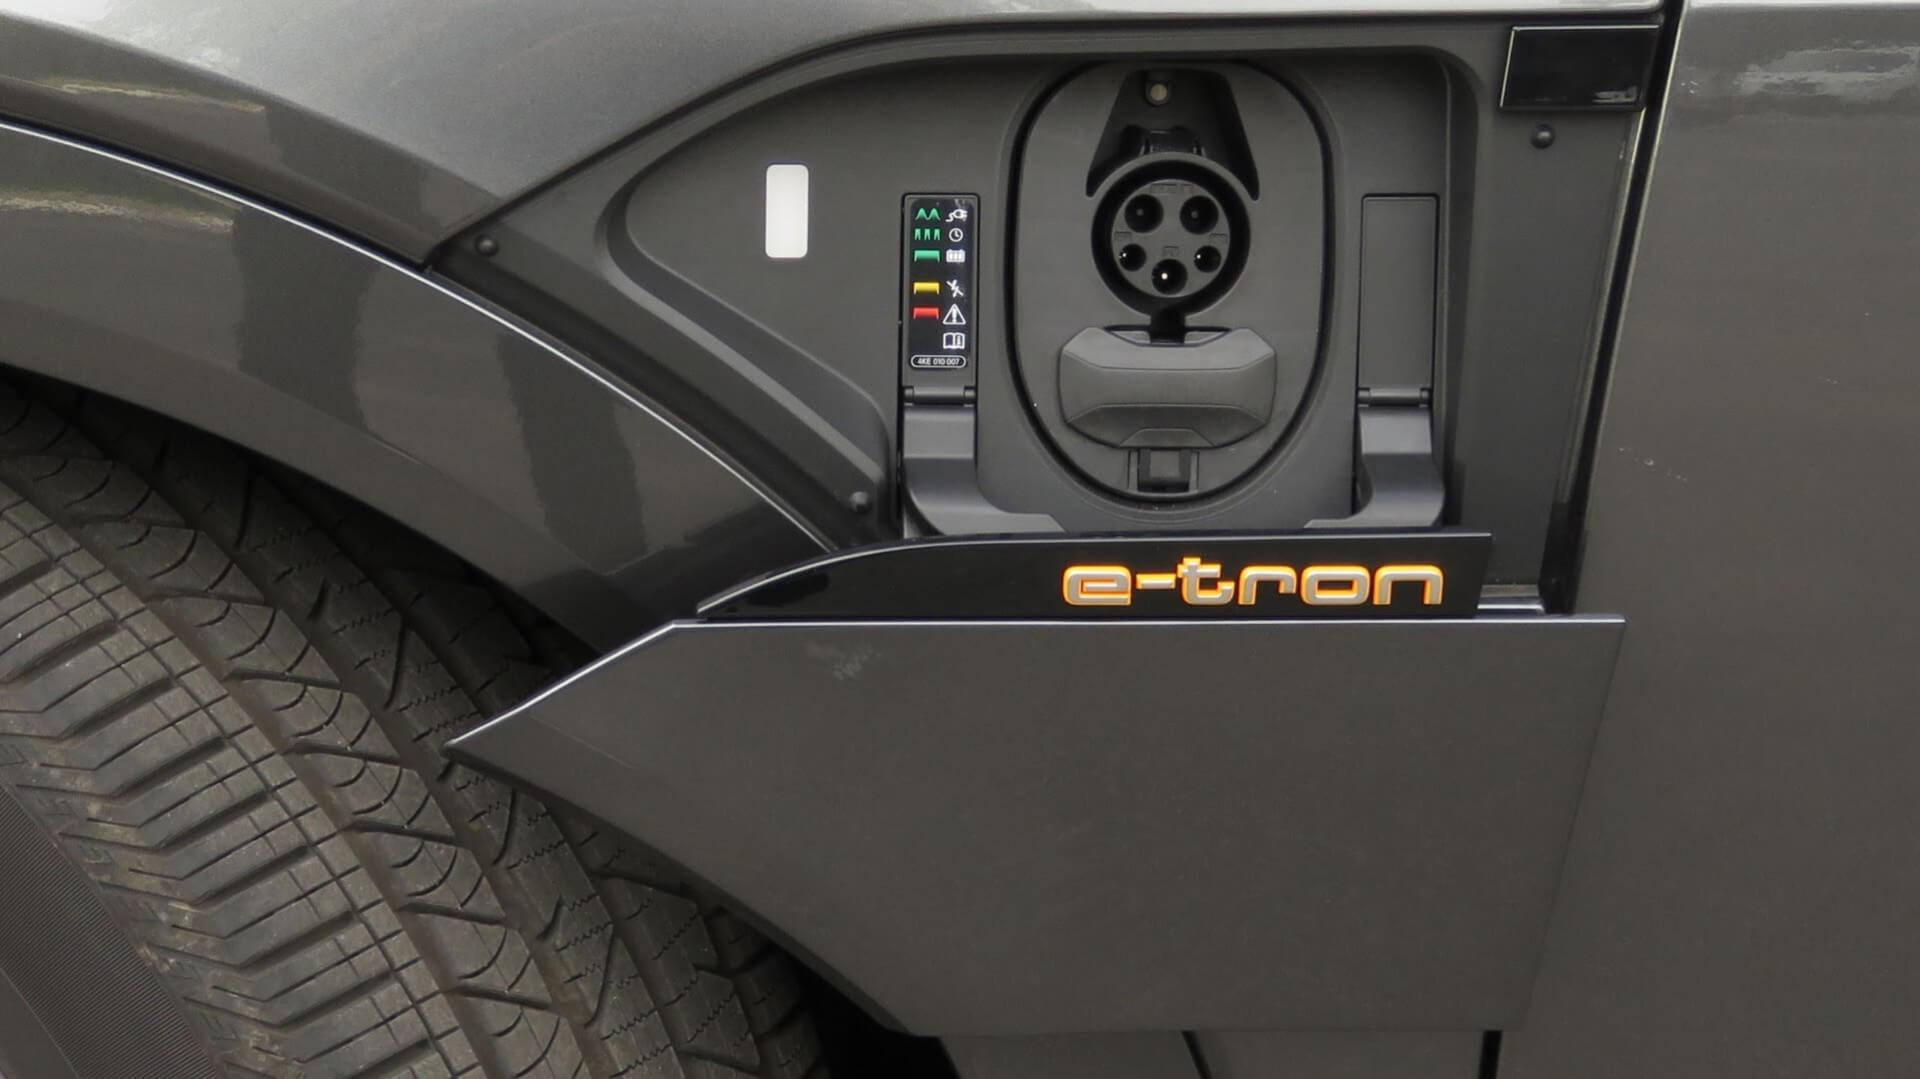 Audi E-tron - отчет о первой поездке - Калифорния, май 2019 года